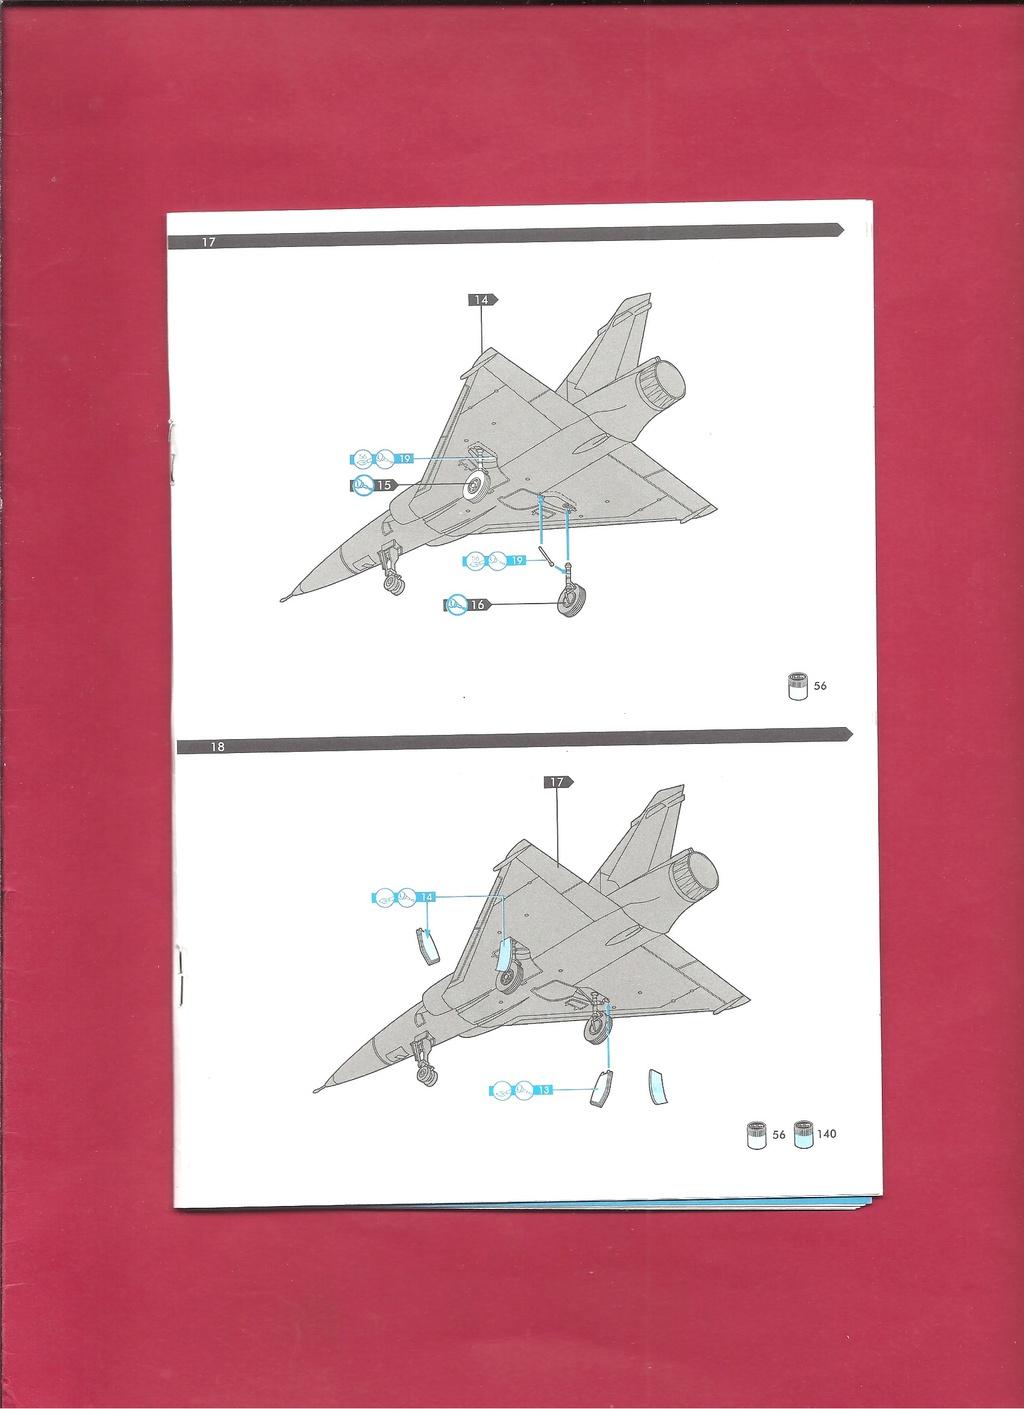 DASSAULT MIRAGE 2000 N 1/72ème Réf 60321 Notice Hell1053